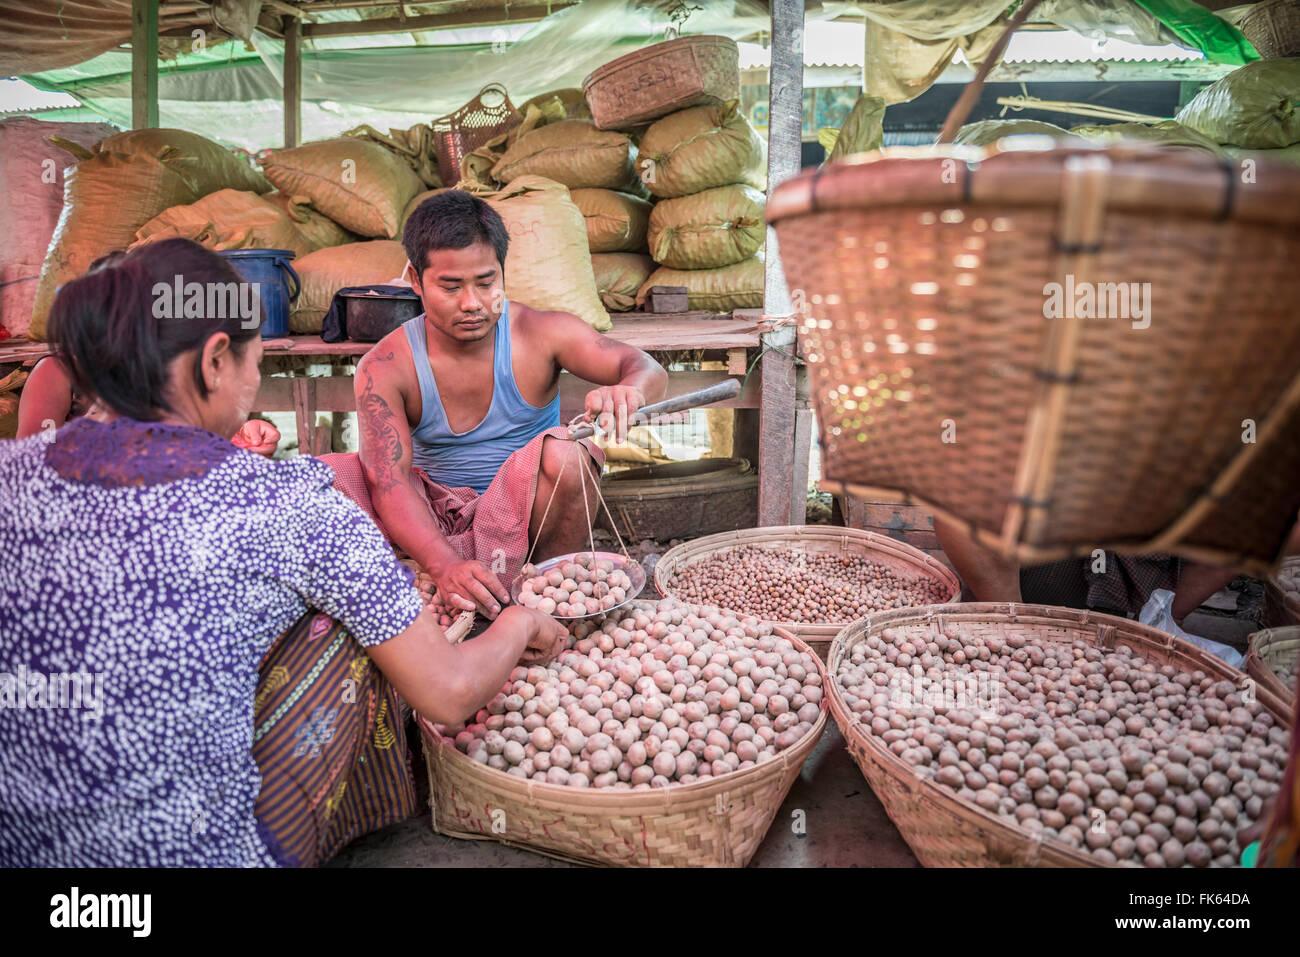 Weighing potatoes in Mrauk U vegetable market, Rakhine State, Myanmar (Burma), Asia - Stock Image